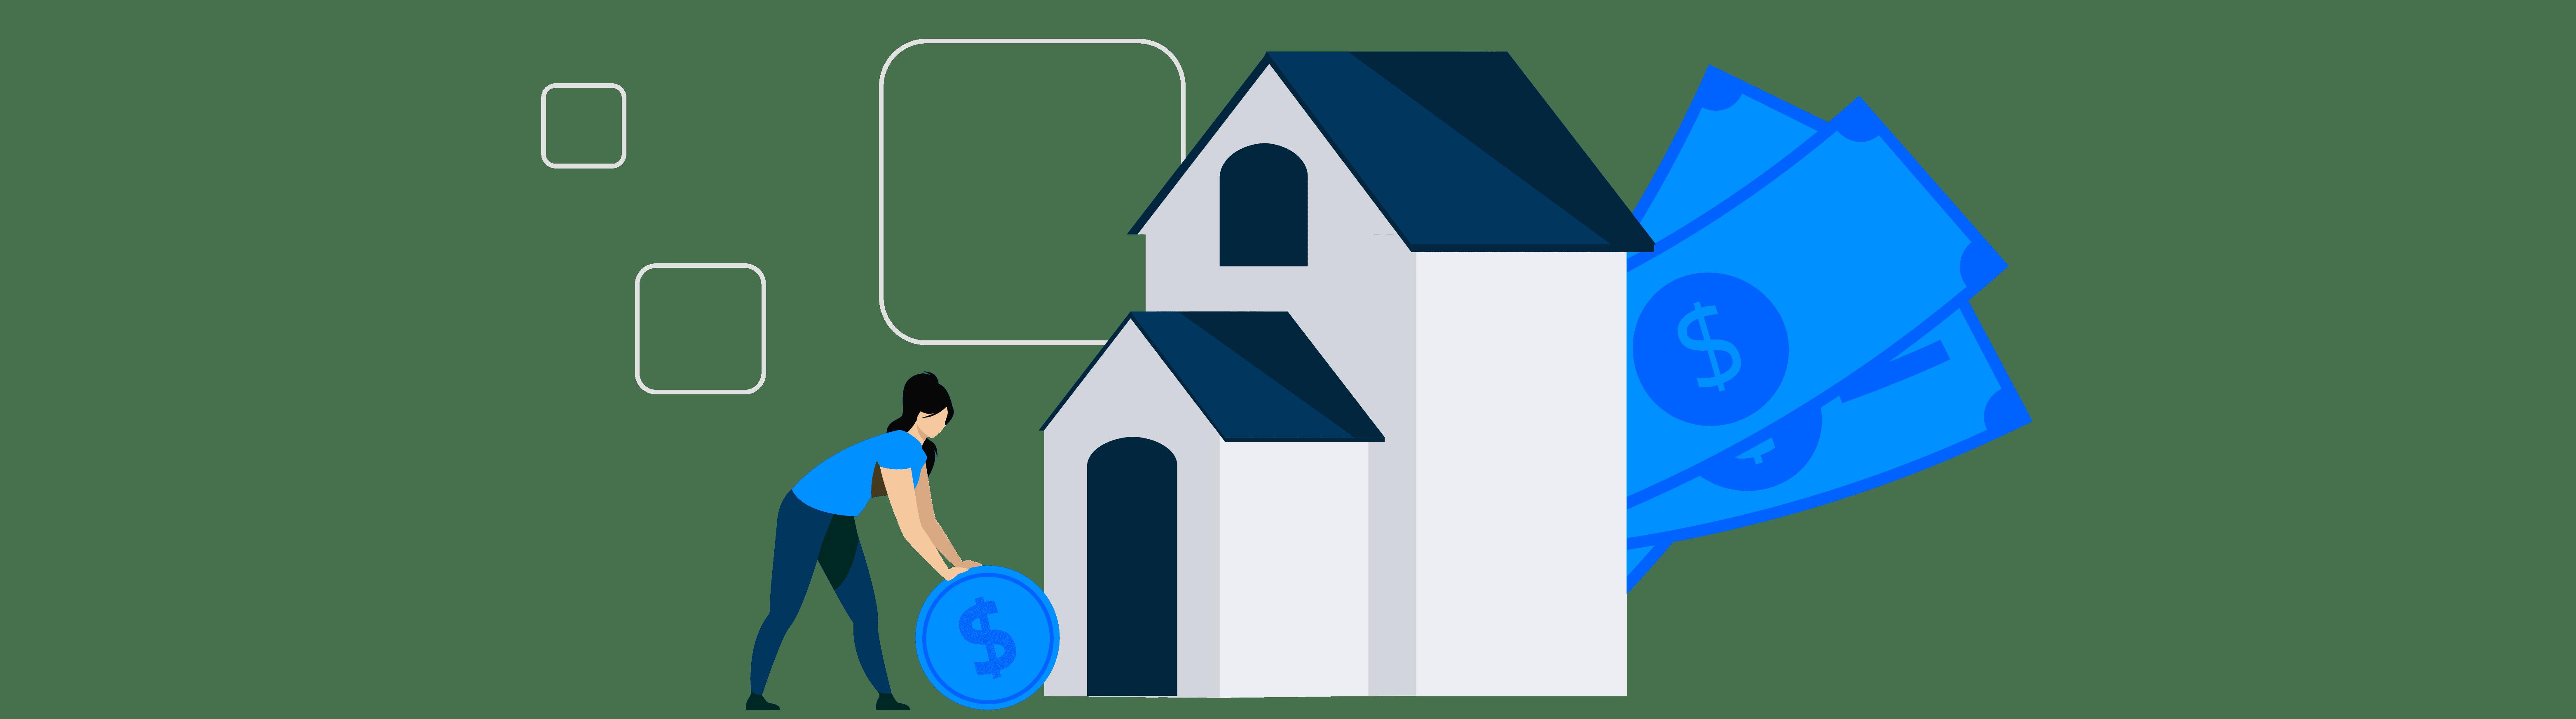 Ilustração mostra uma pessoa, uma casa e algumas notas de dinheiro e moedas.